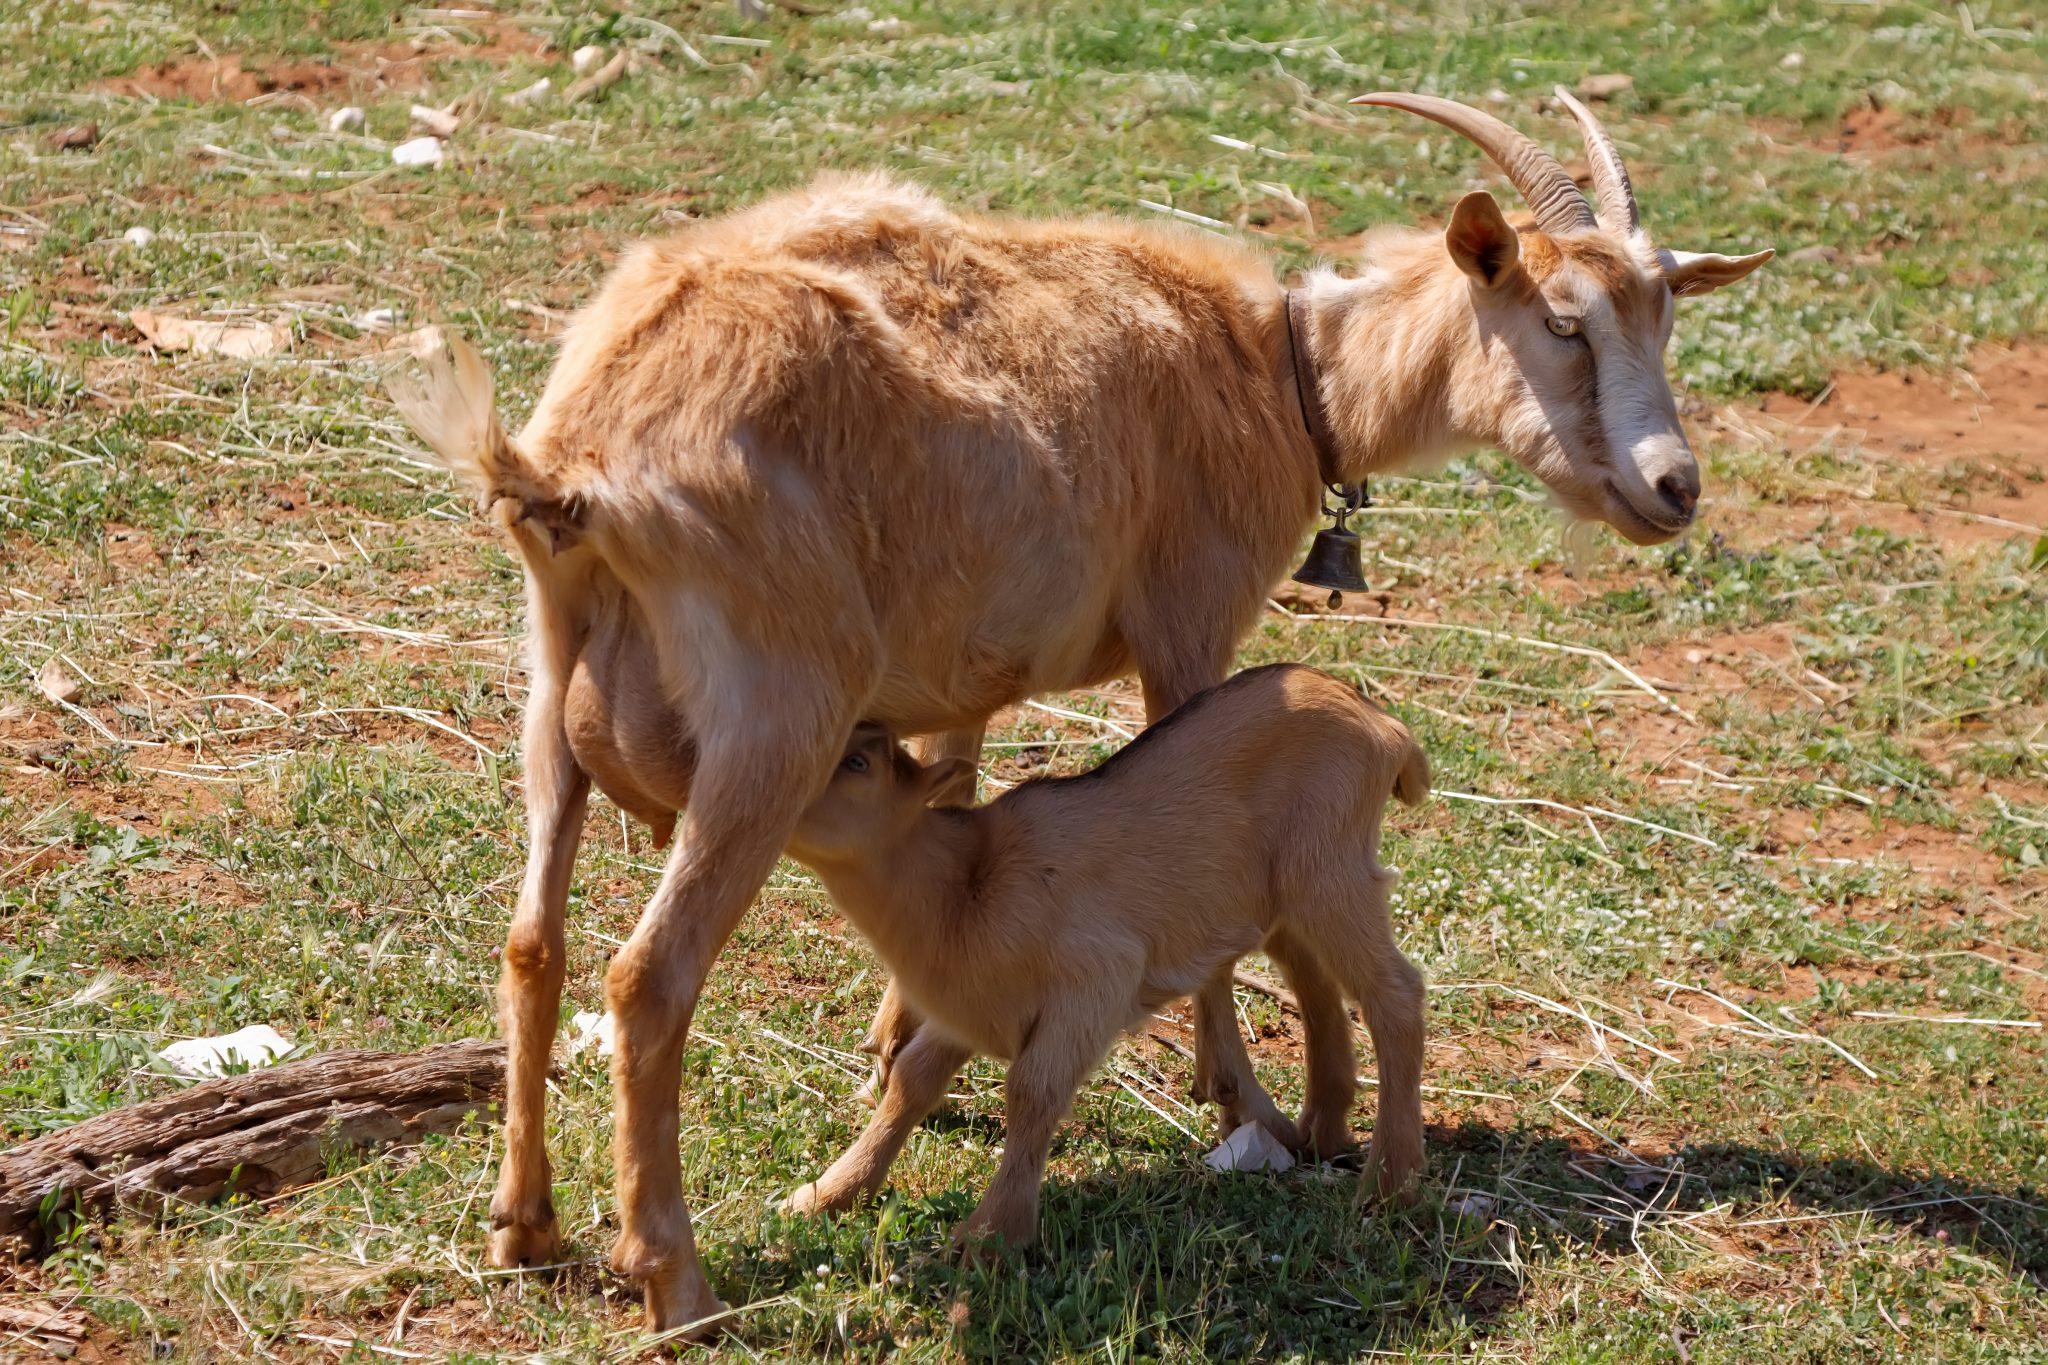 mother goat feeding baby goat